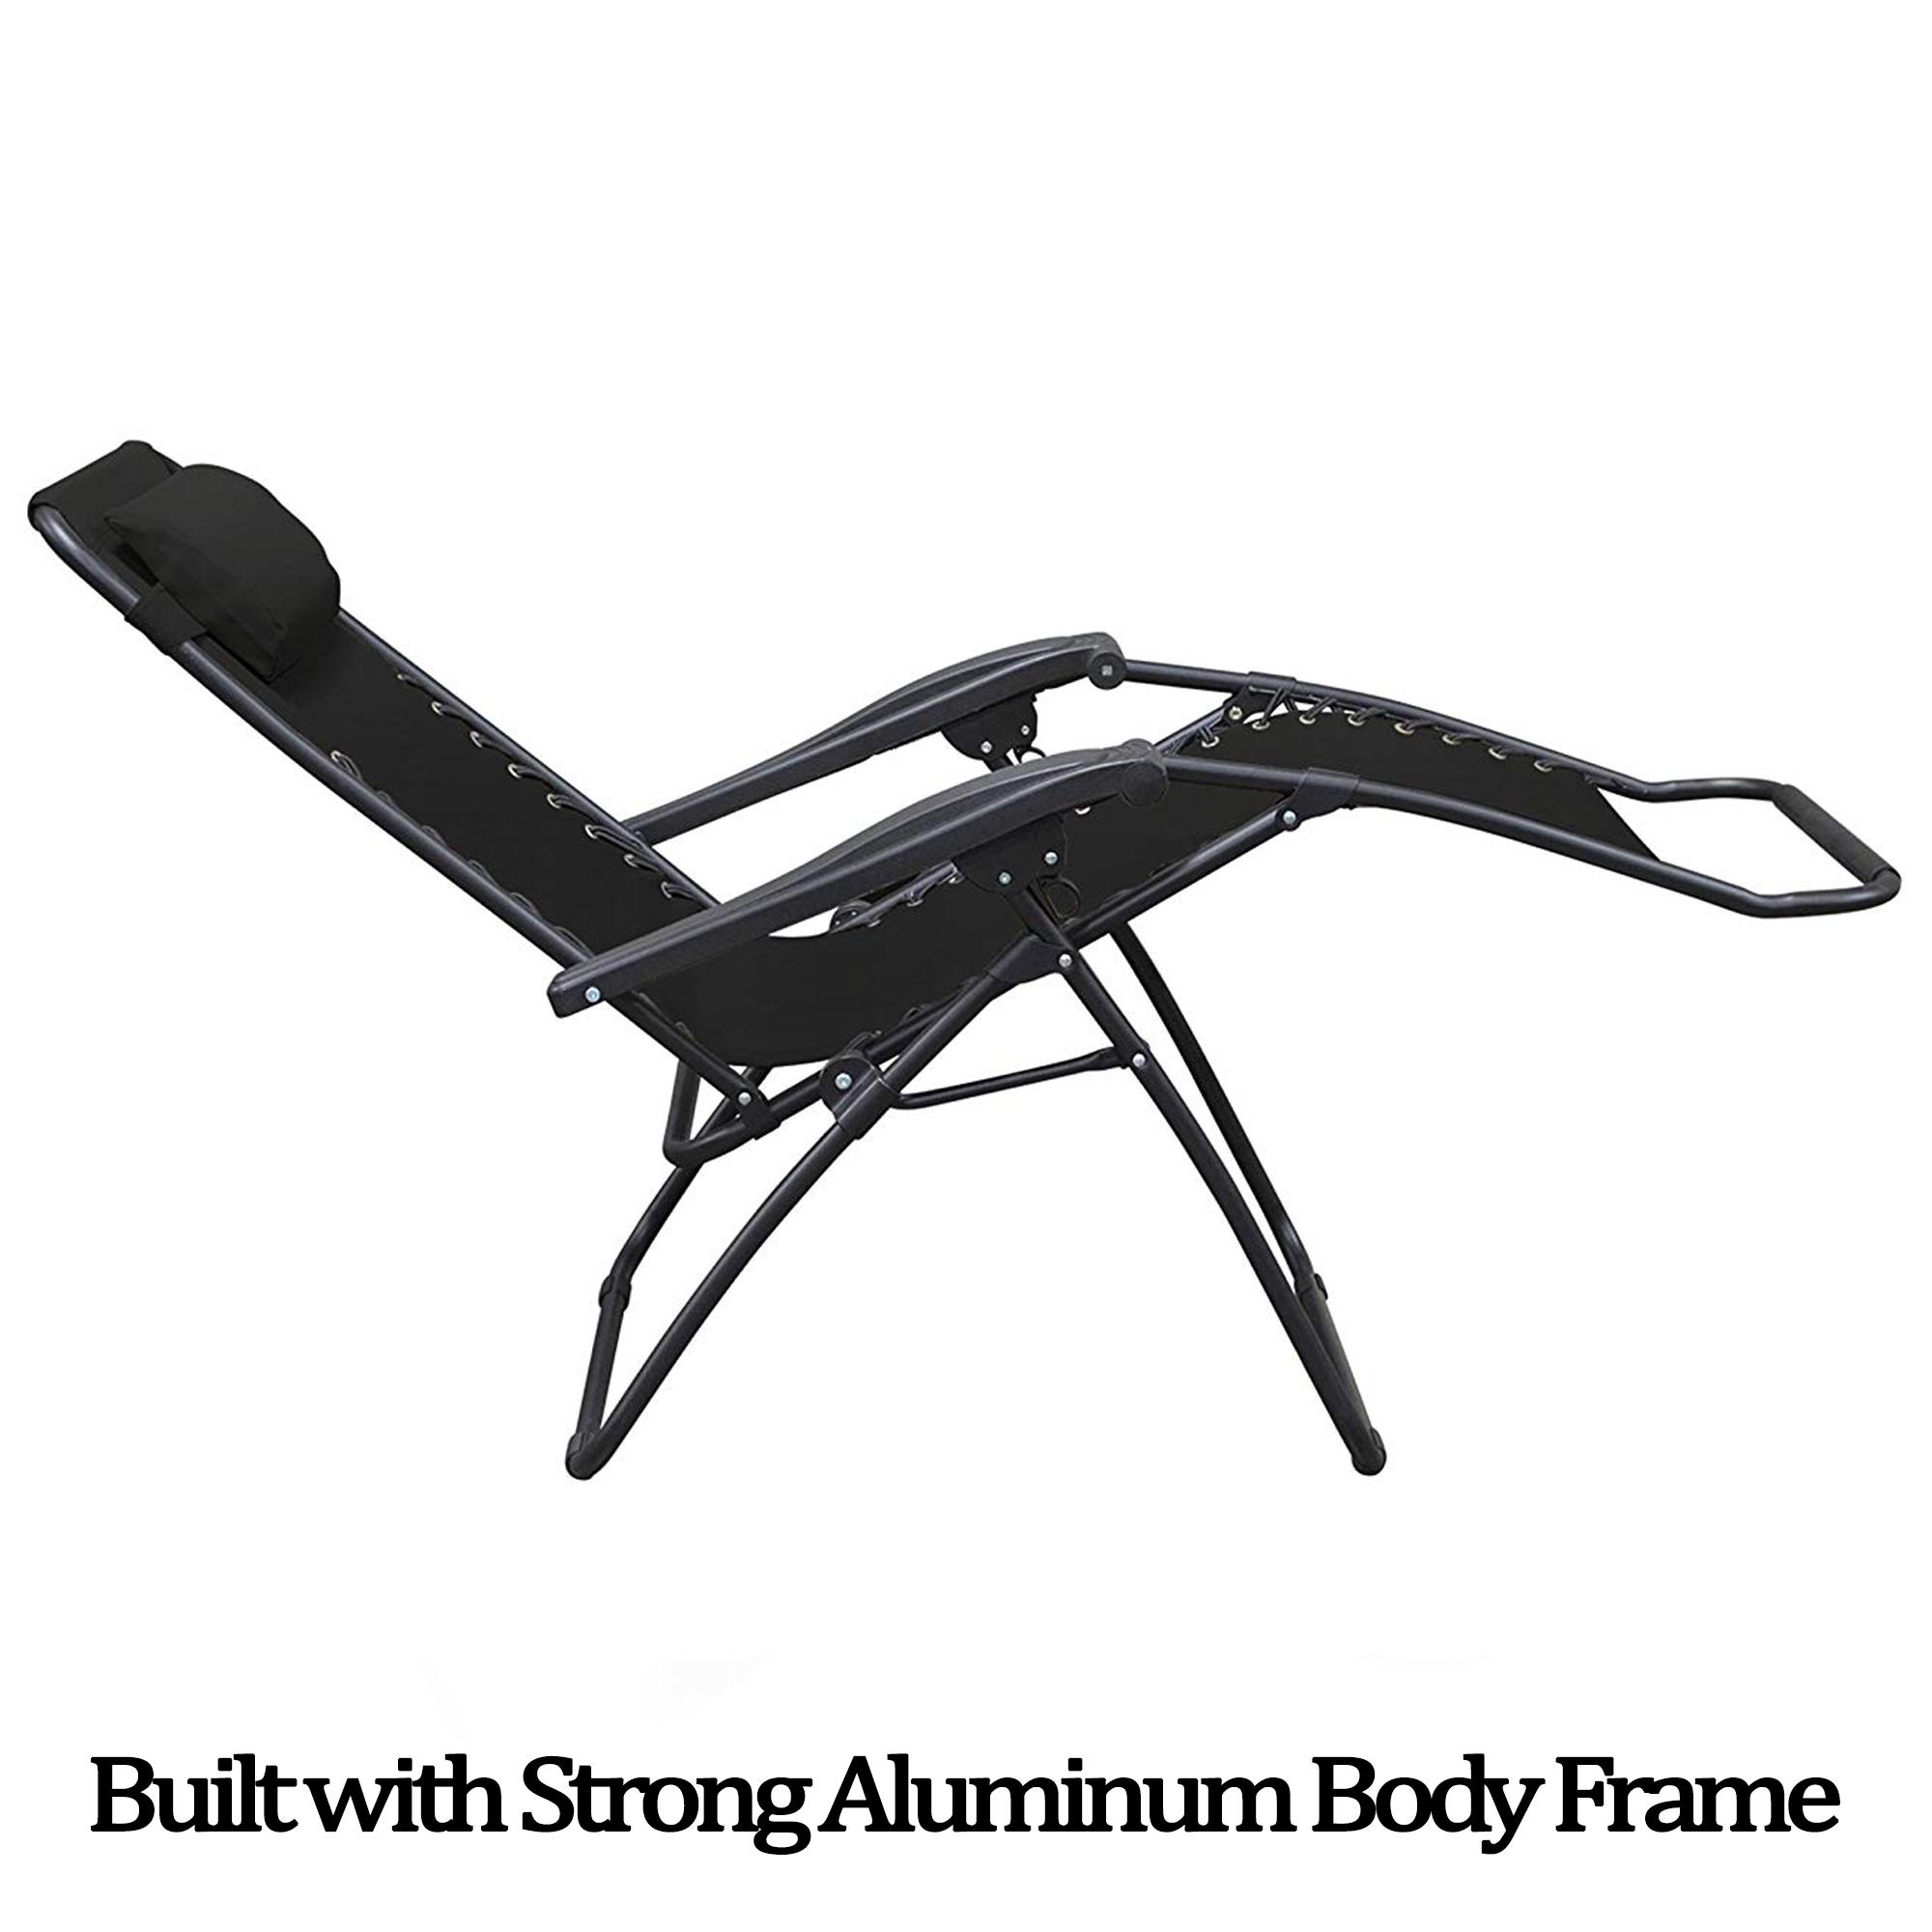 Details About 2 X Zero Gravity Chair Reclining Sun Lounger Outdoor Garden Folding Adjustable